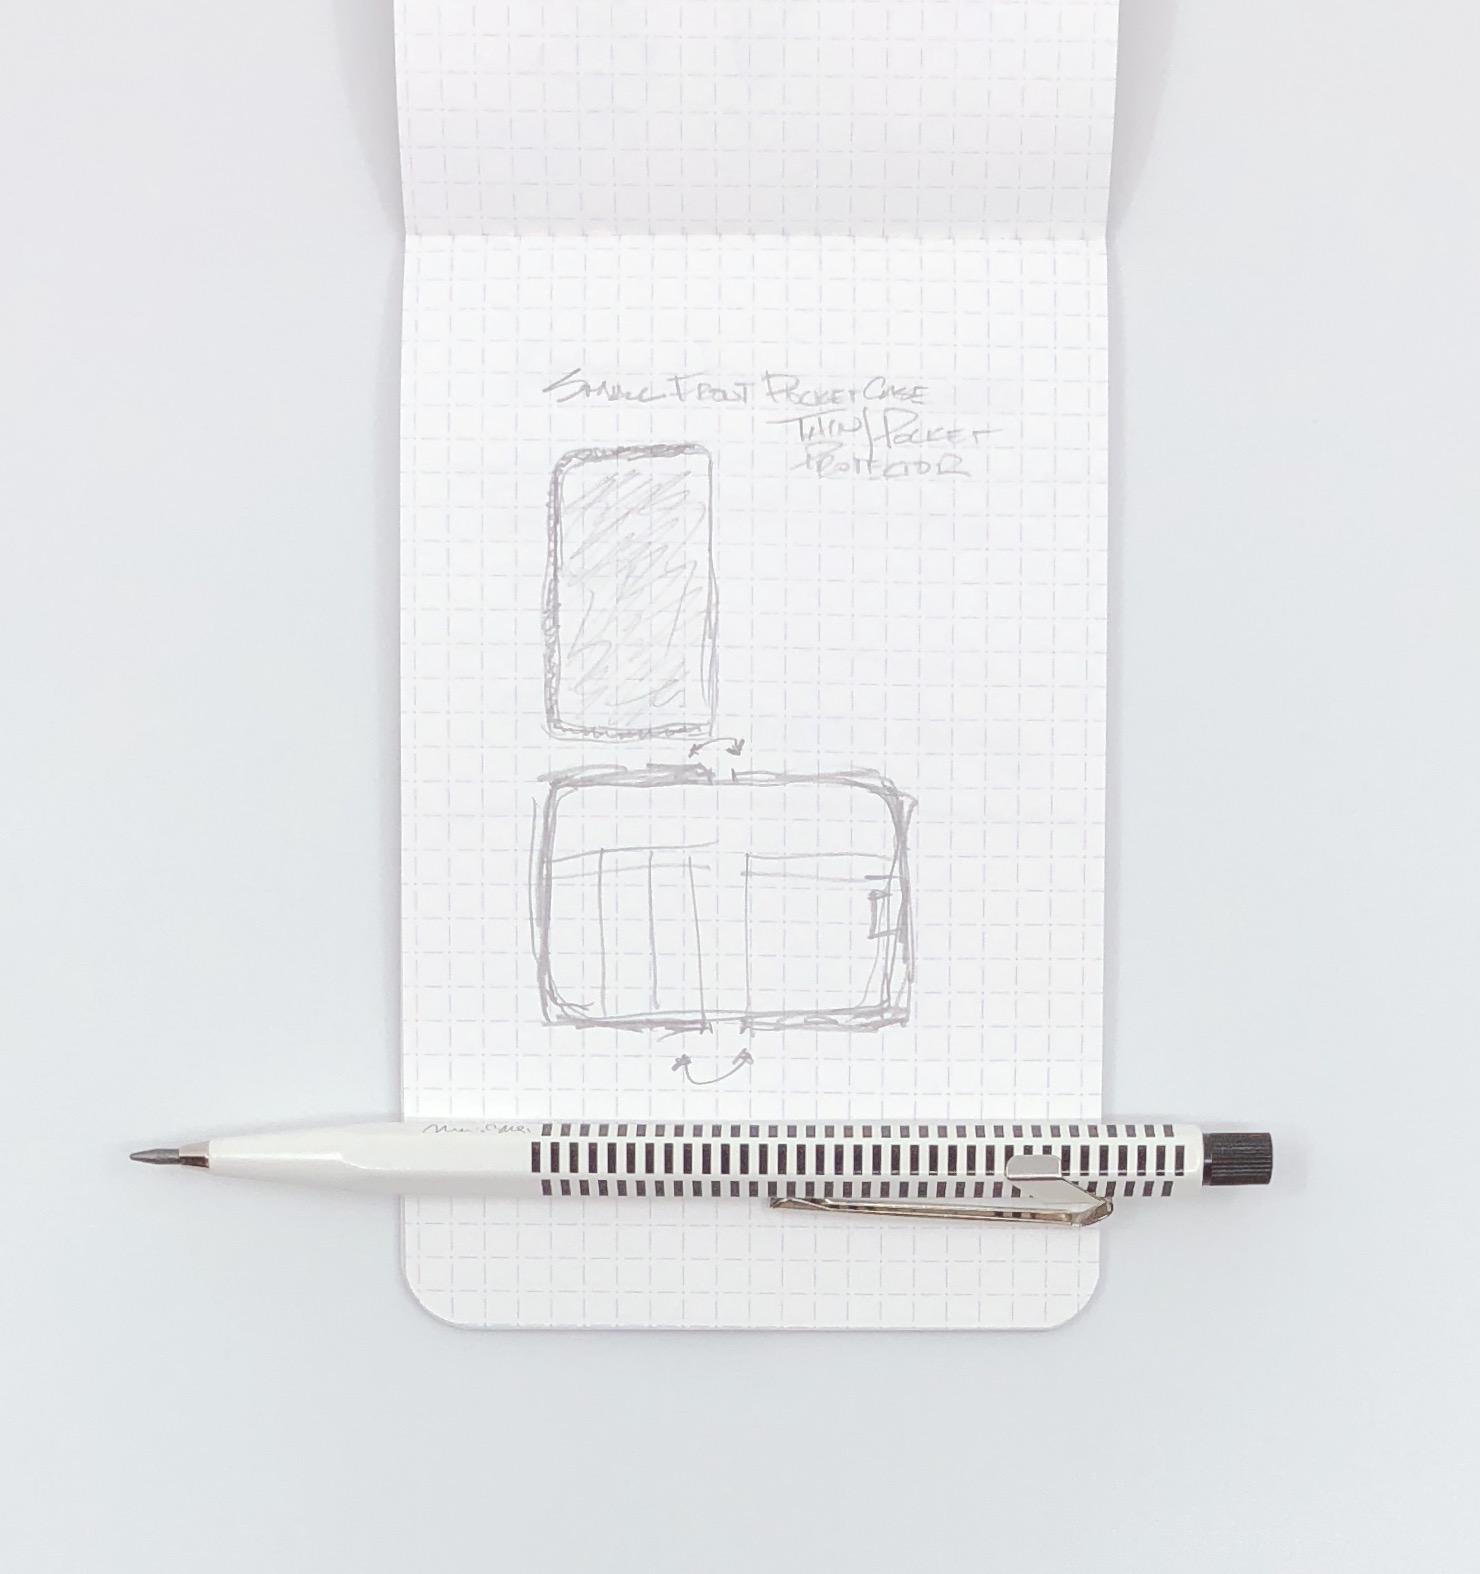 Caran d'Ache Fixpencil Sketch